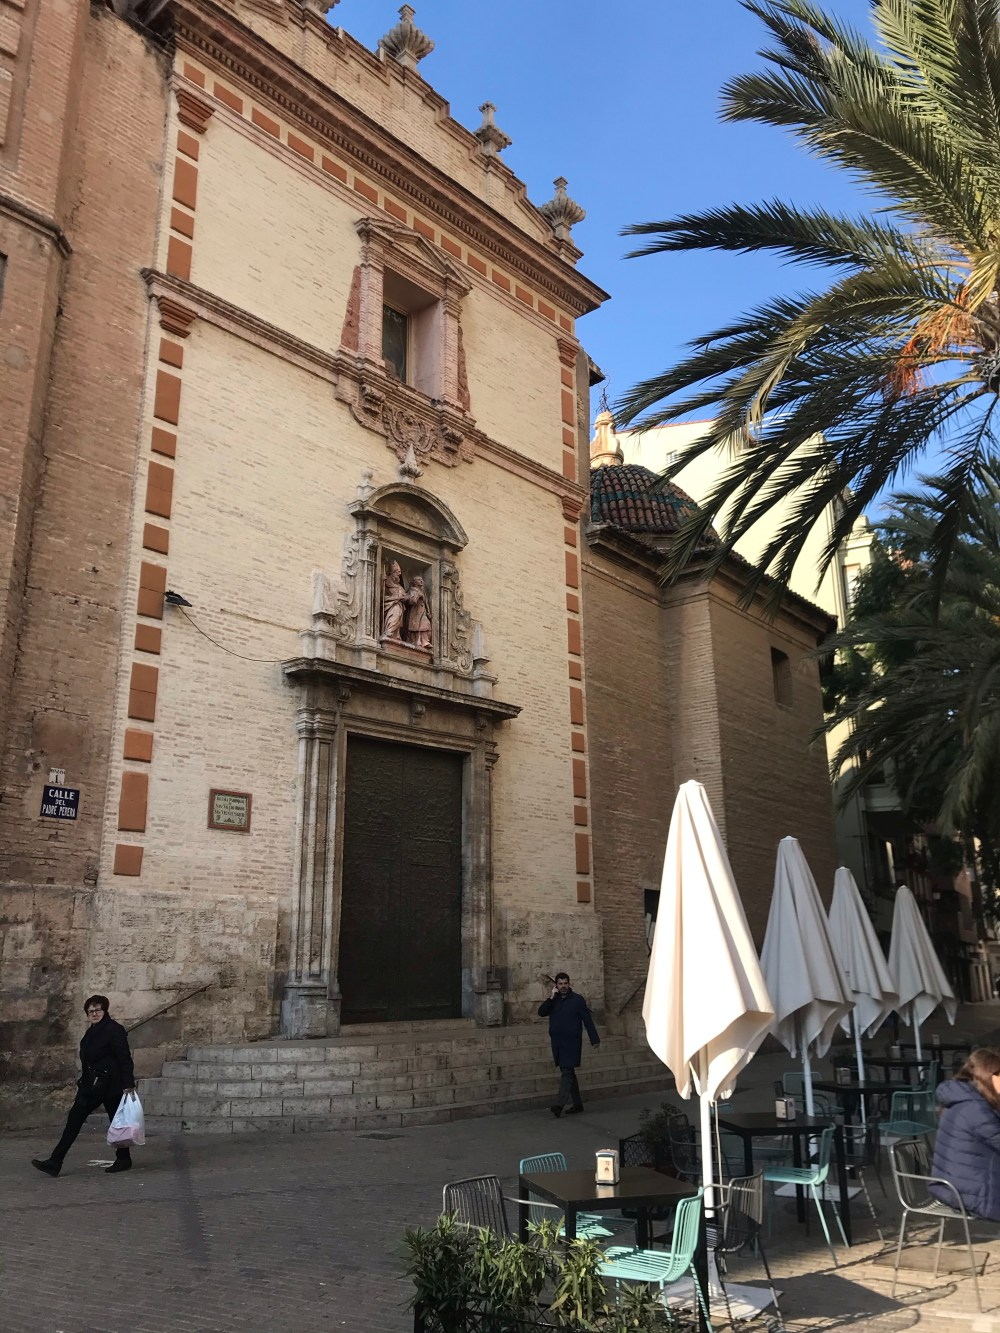 Iglesia Parroquial de San Valero y San Vicente Mártir é a Catedral de Ruzafa